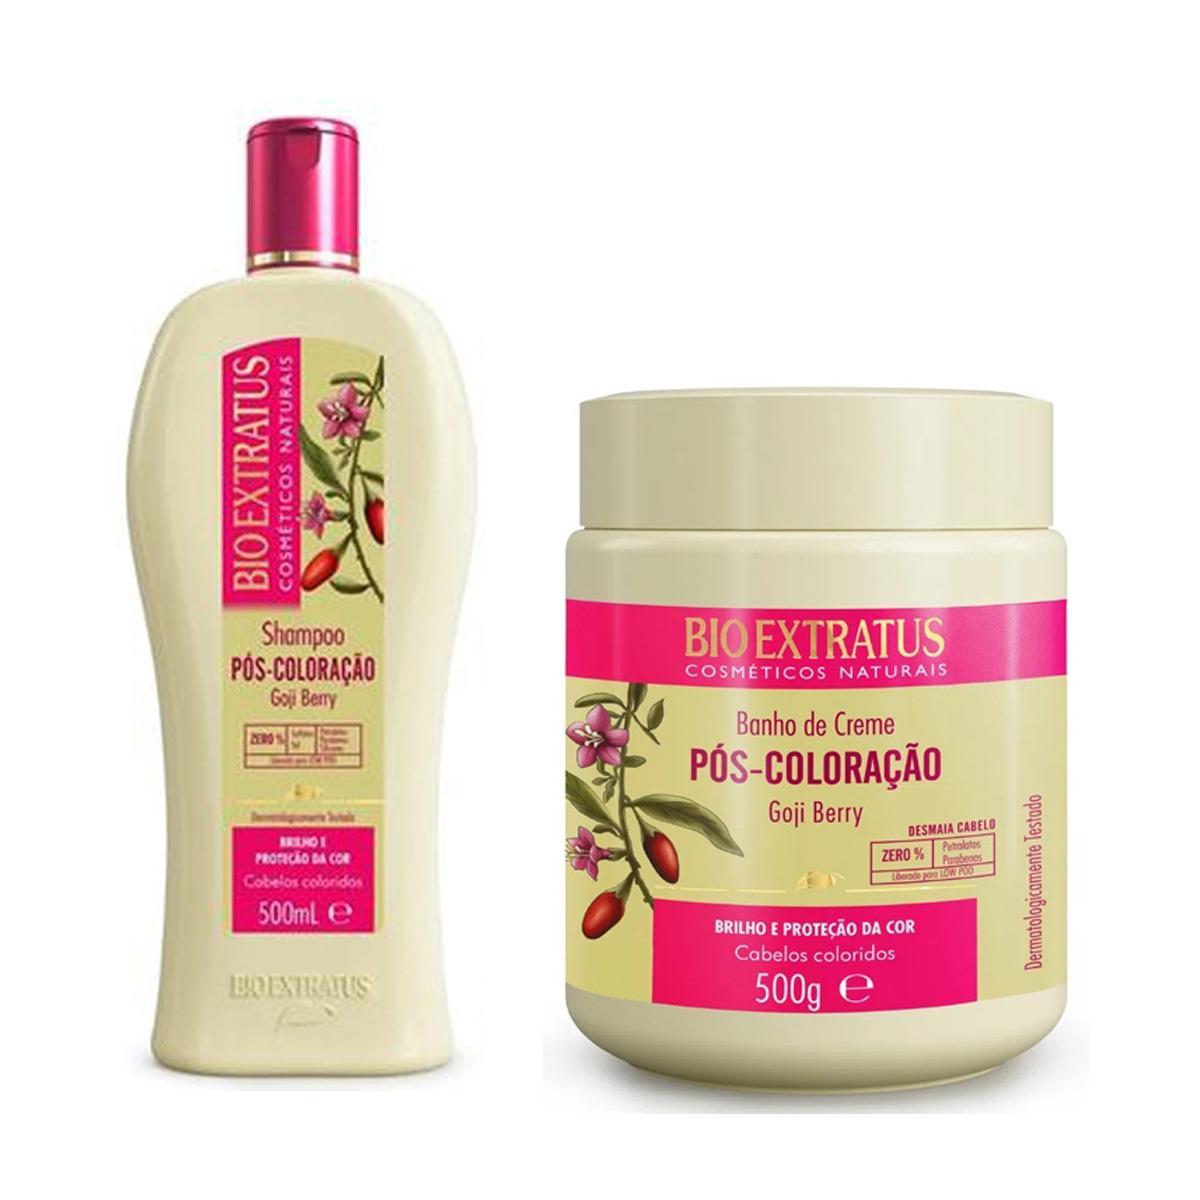 Kit Bio Extratus Pós Coloração Shampoo500ml e Máscara500gr